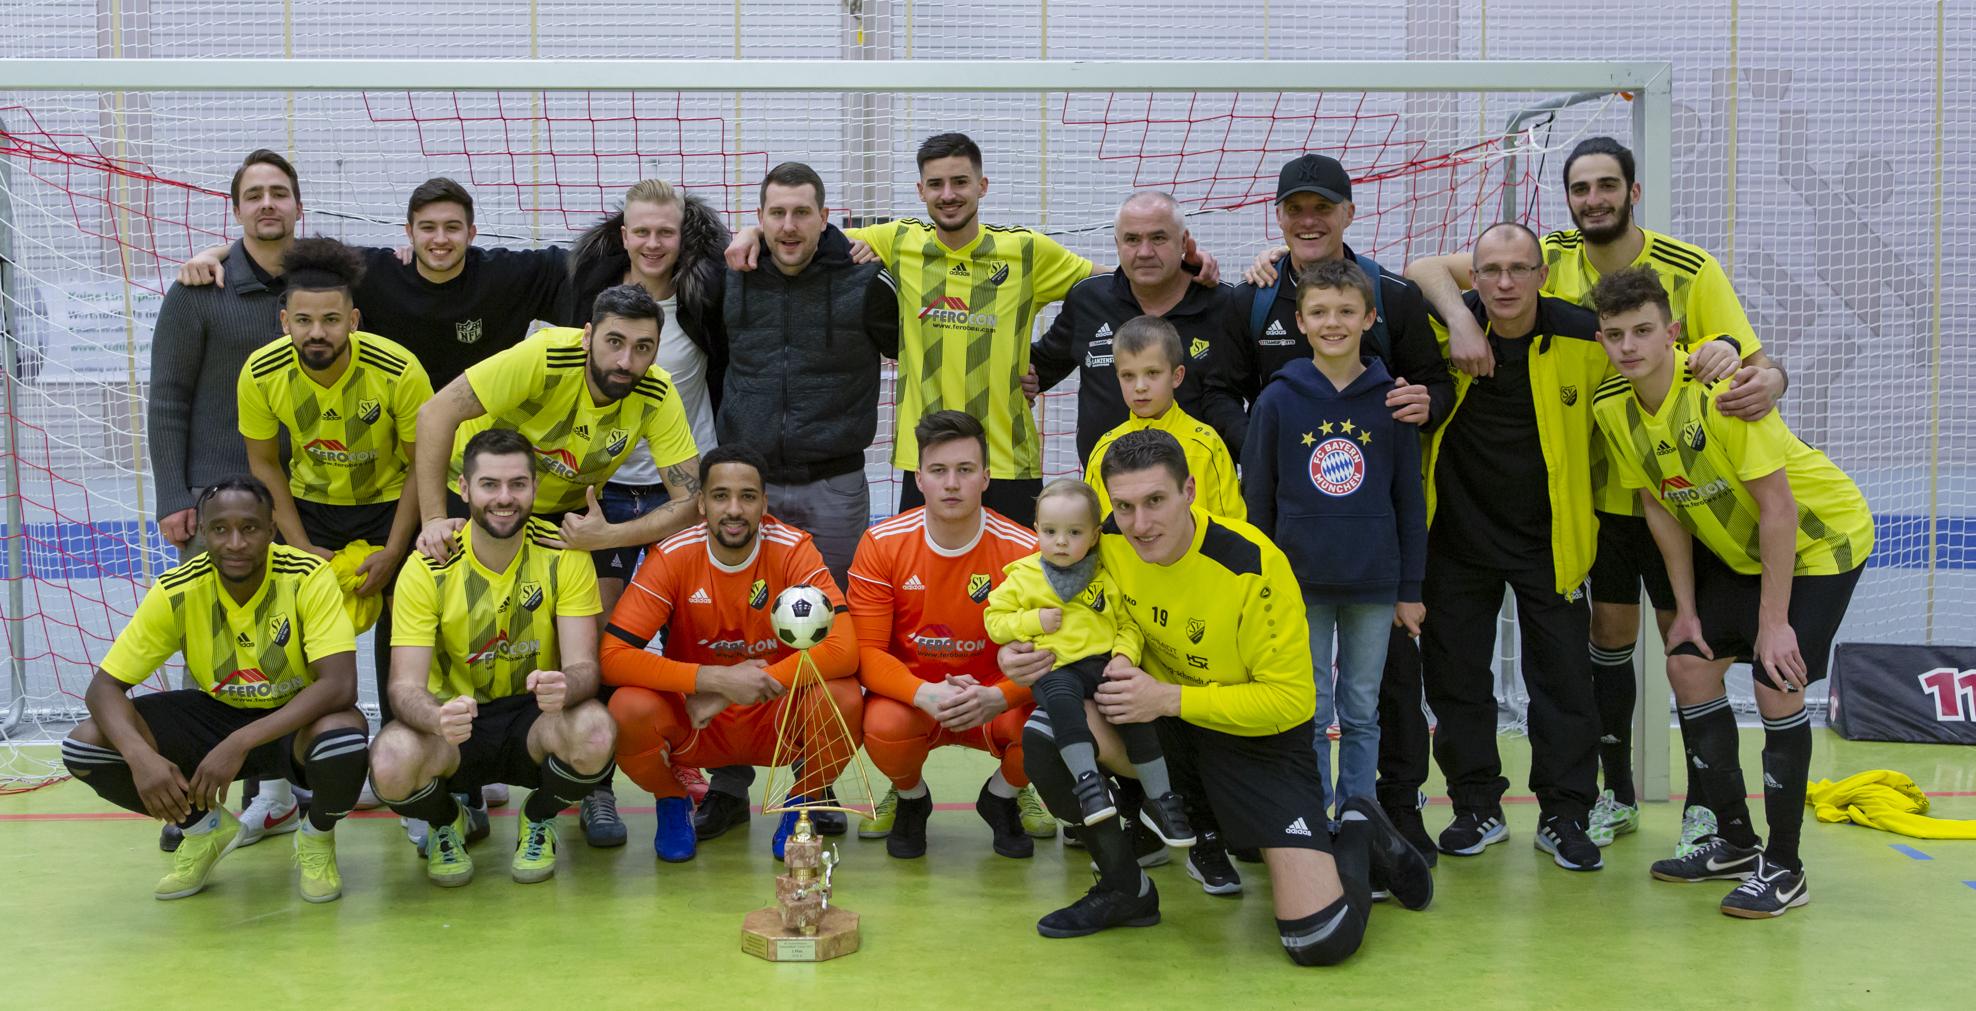 SV Morlautern gewinnt die Stadtmeisterschaft